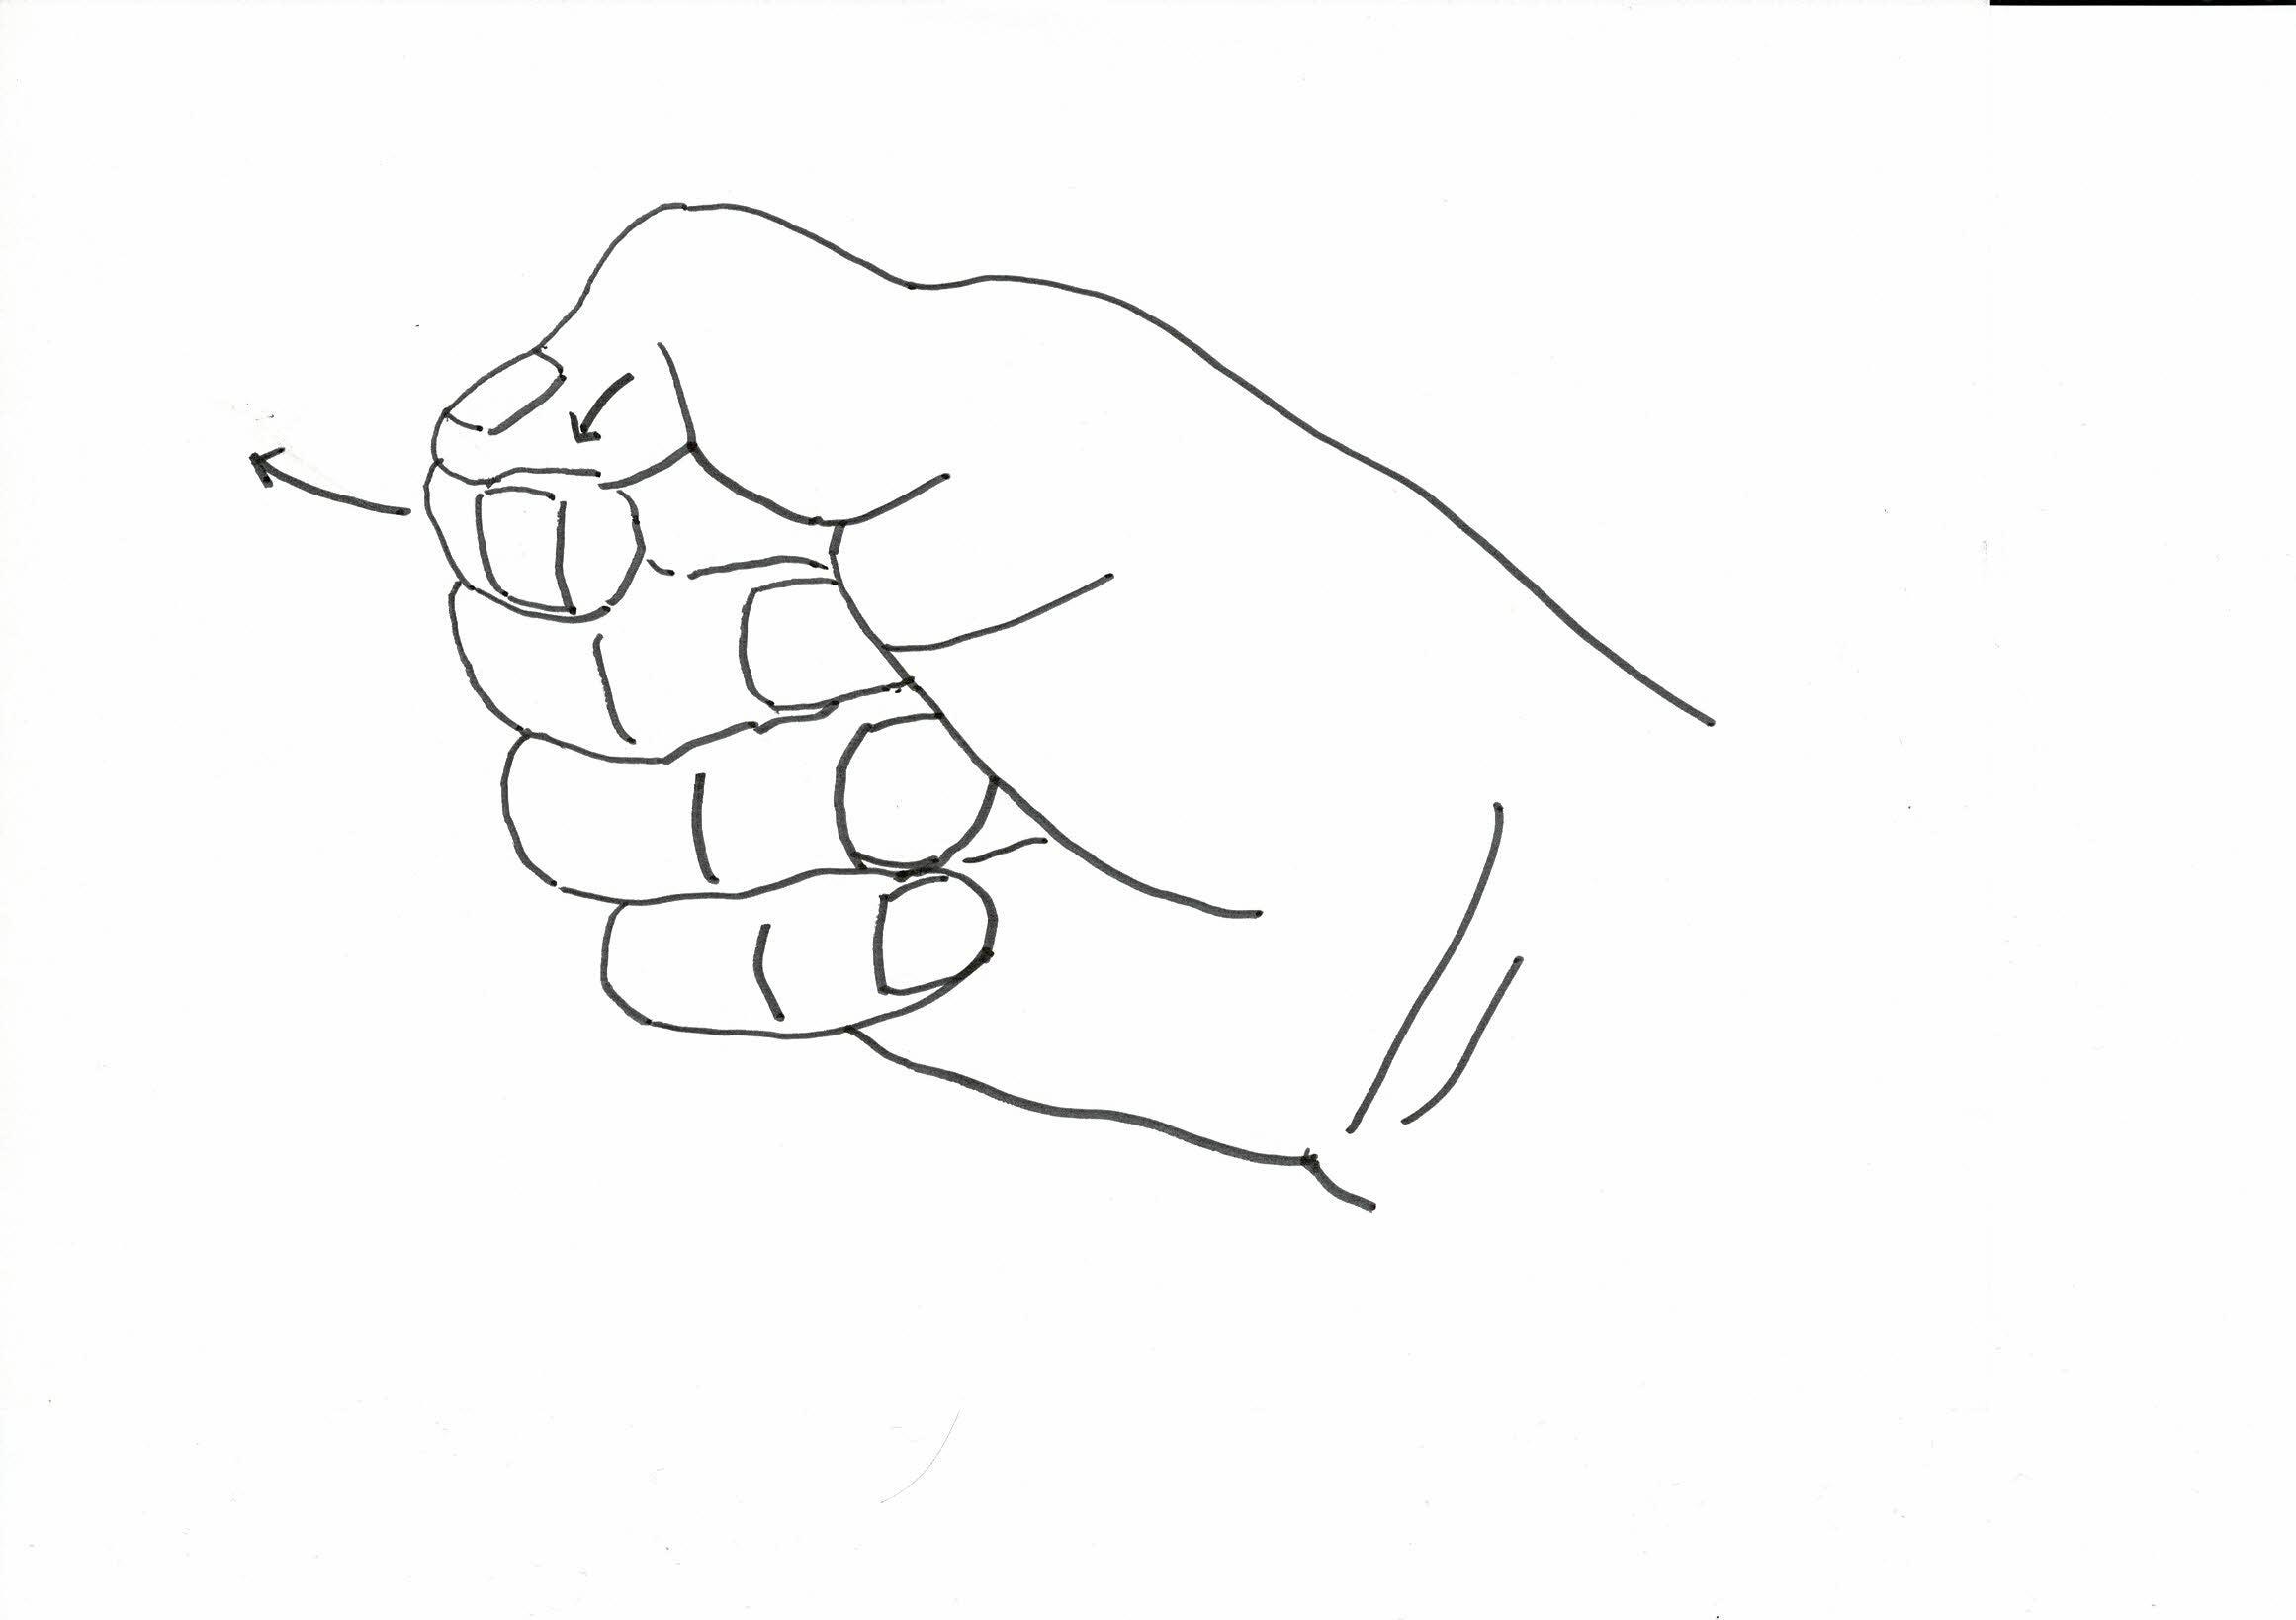 やり方 指 パッチン